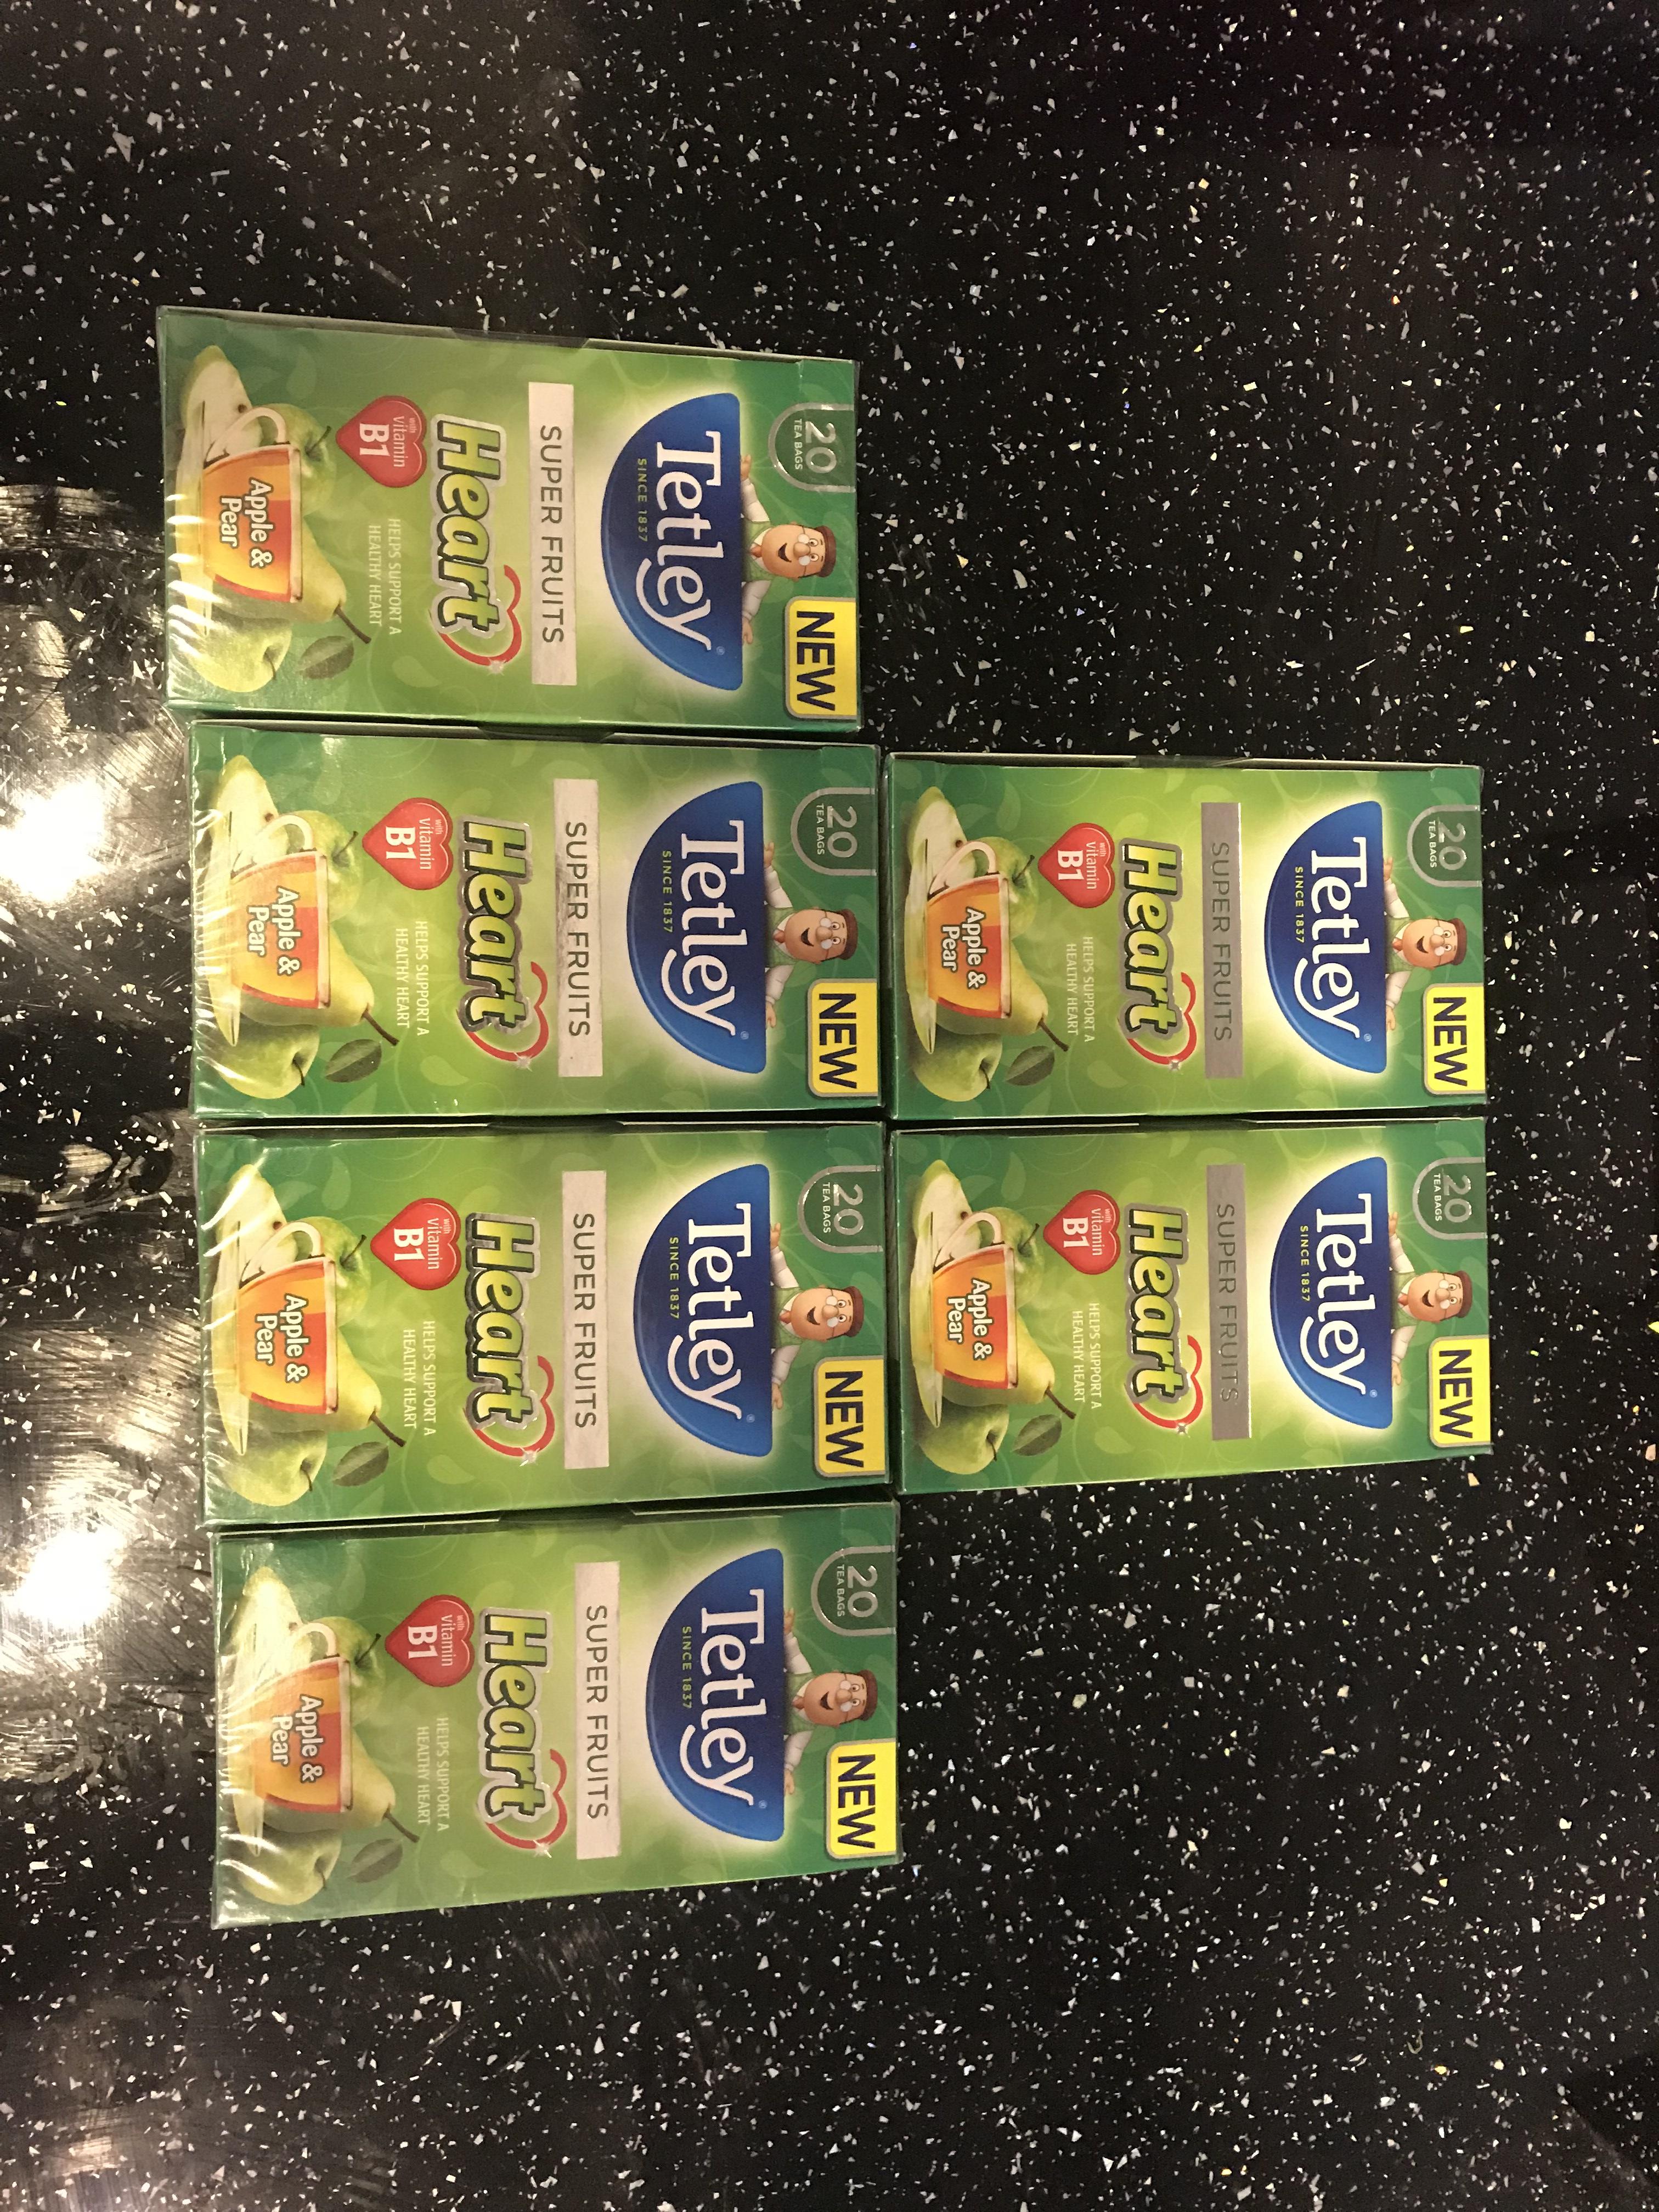 Tetley tea - super fruits scanning 2p in CoOp